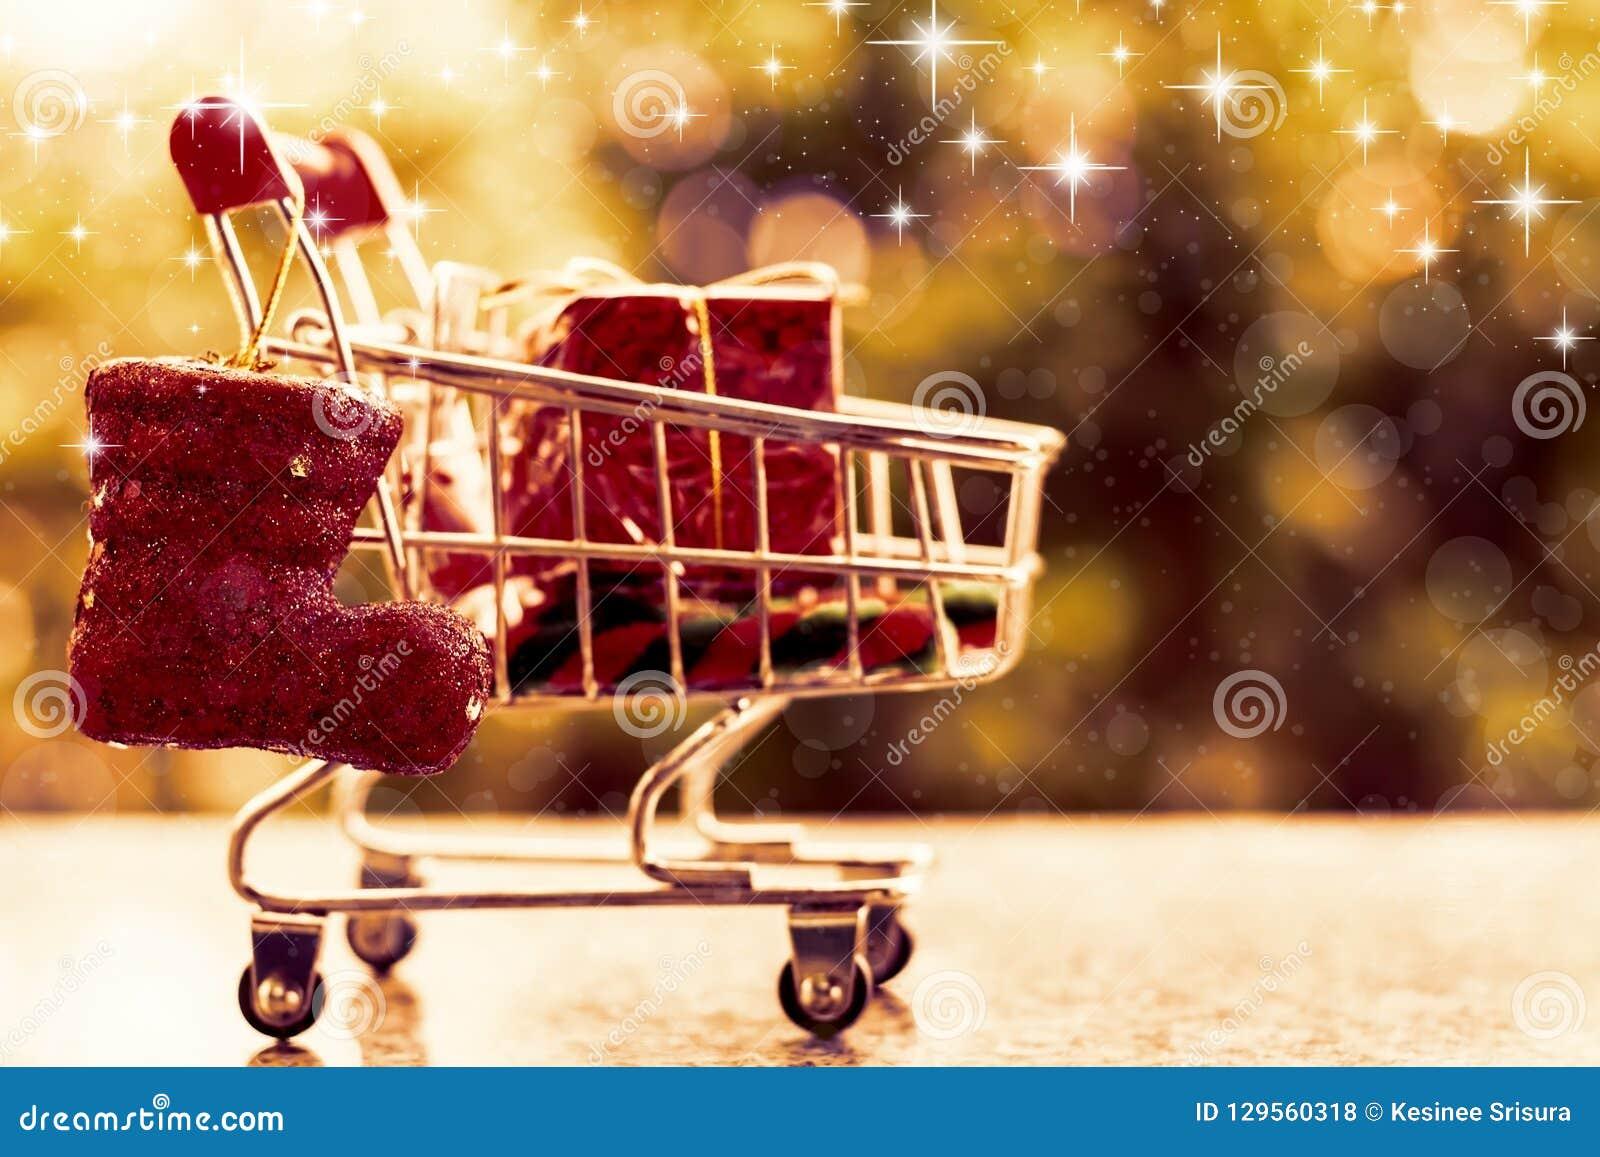 Artículos decorativos de Navidad en mini carro de la compra o carretilla